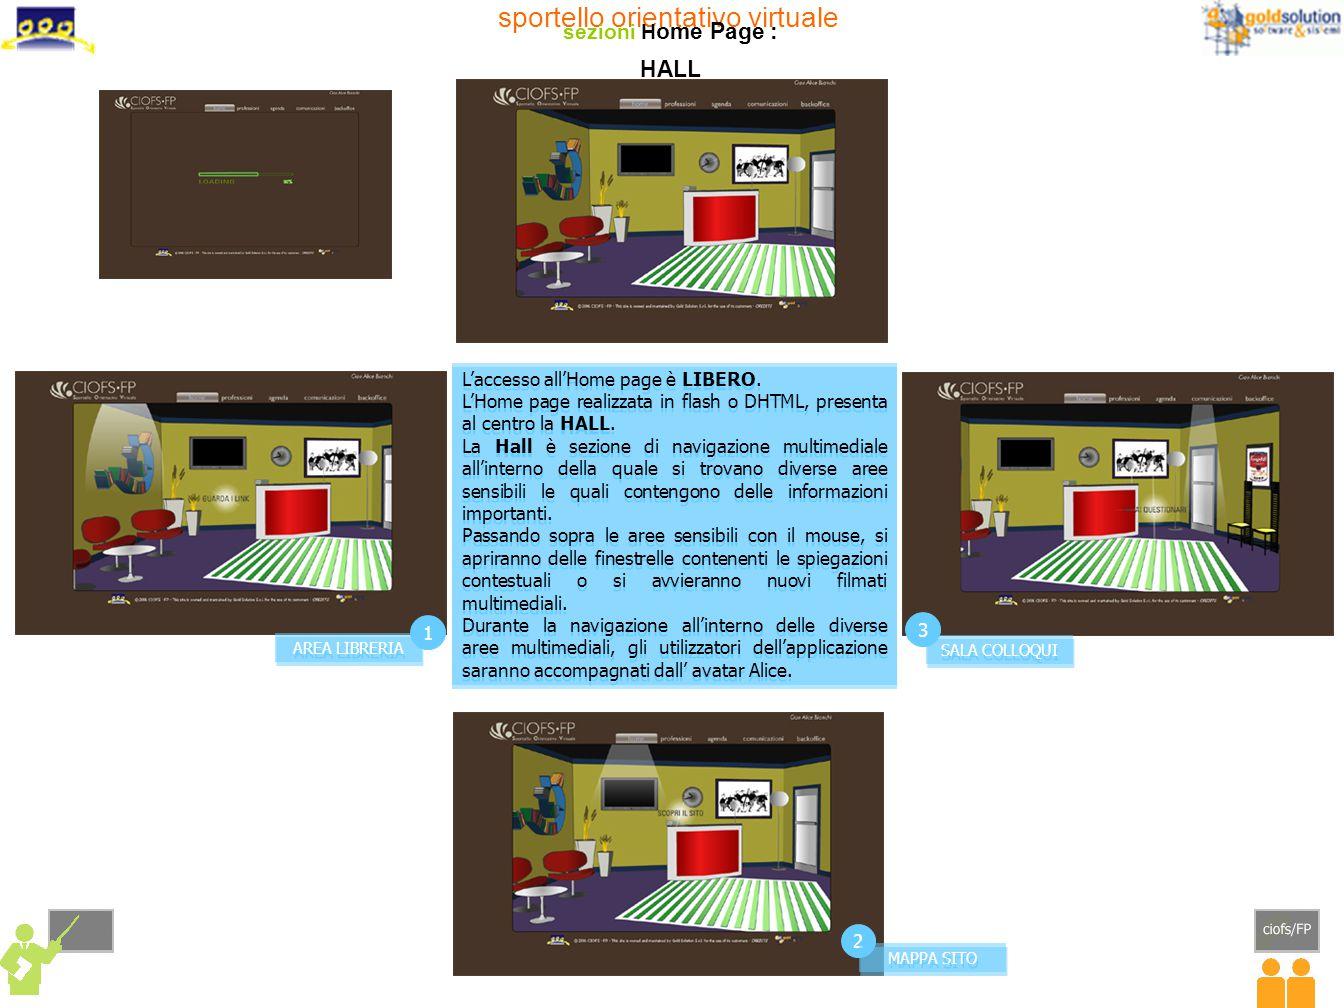 sportello orientativo virtuale sezioni H ome Page : HALL L'accesso all'Home page è LIBERO. L'Home page realizzata in flash o DHTML, presenta al centro